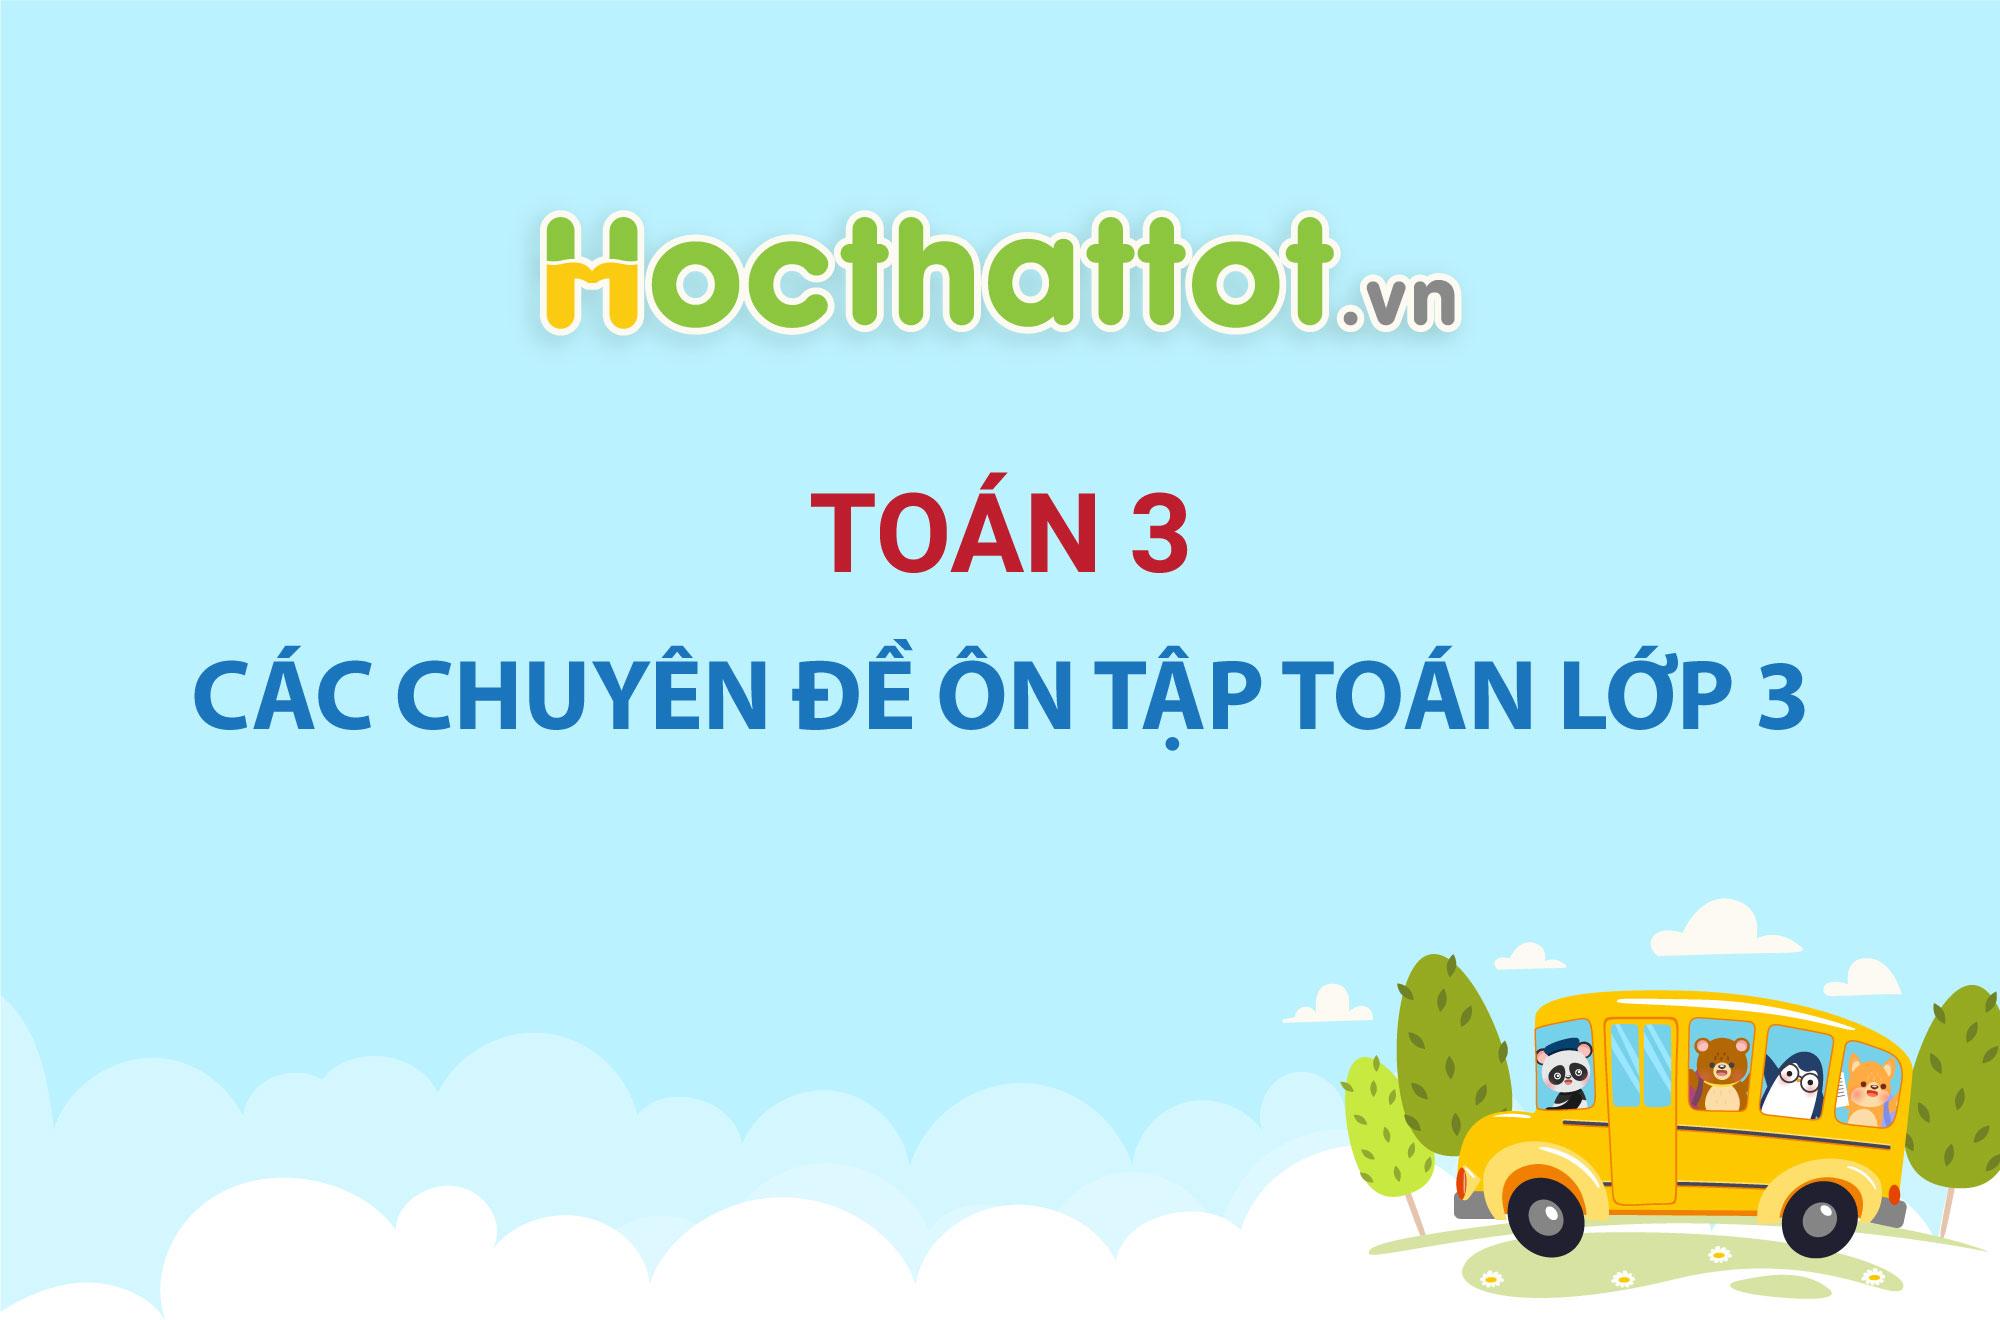 chuyen-de-on-tap-toan-3